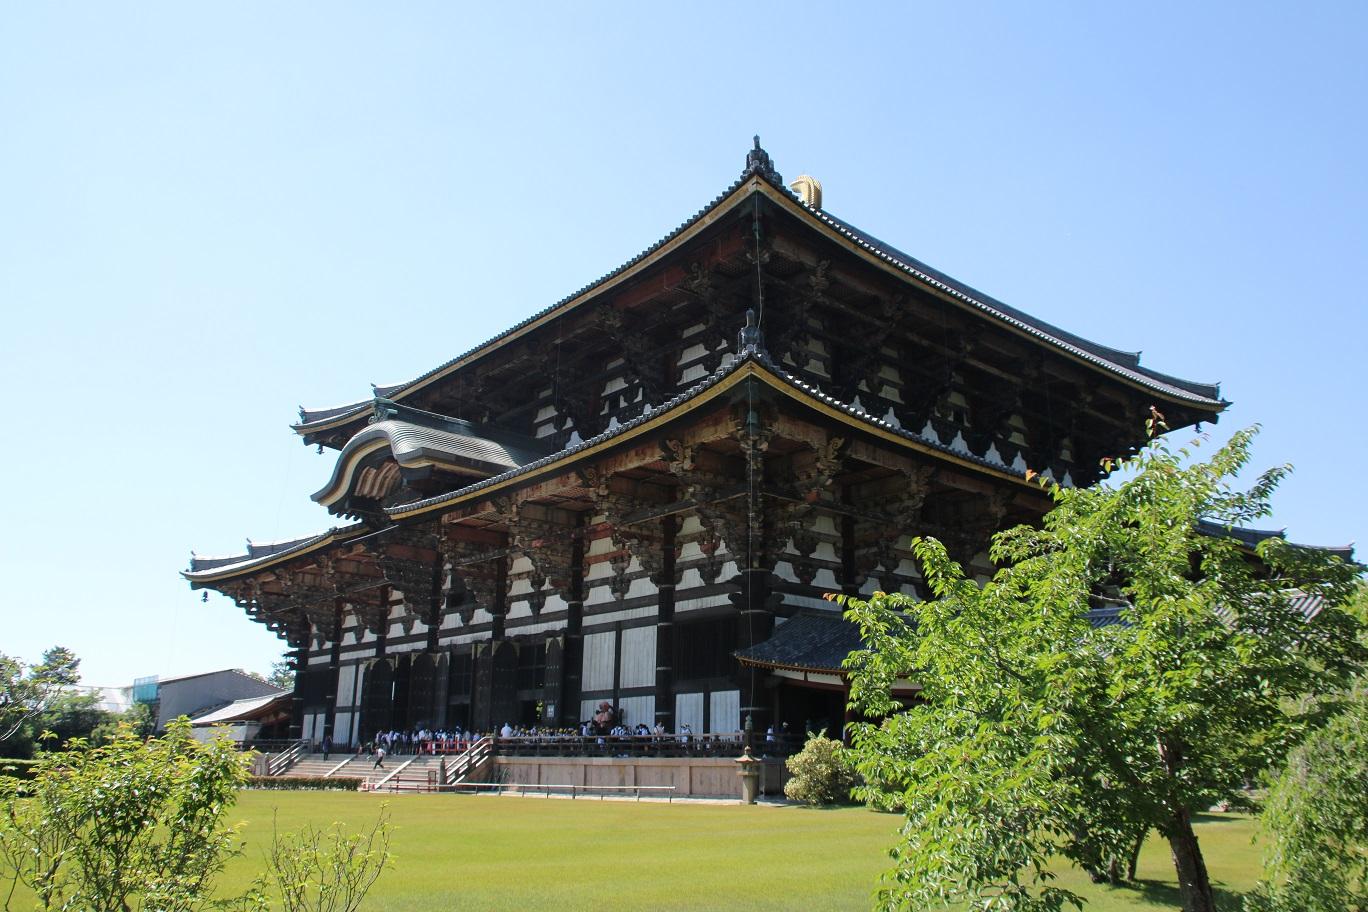 東大寺・金堂(大仏殿) 奈良の大仏さん【御朱印帳と御朱印】